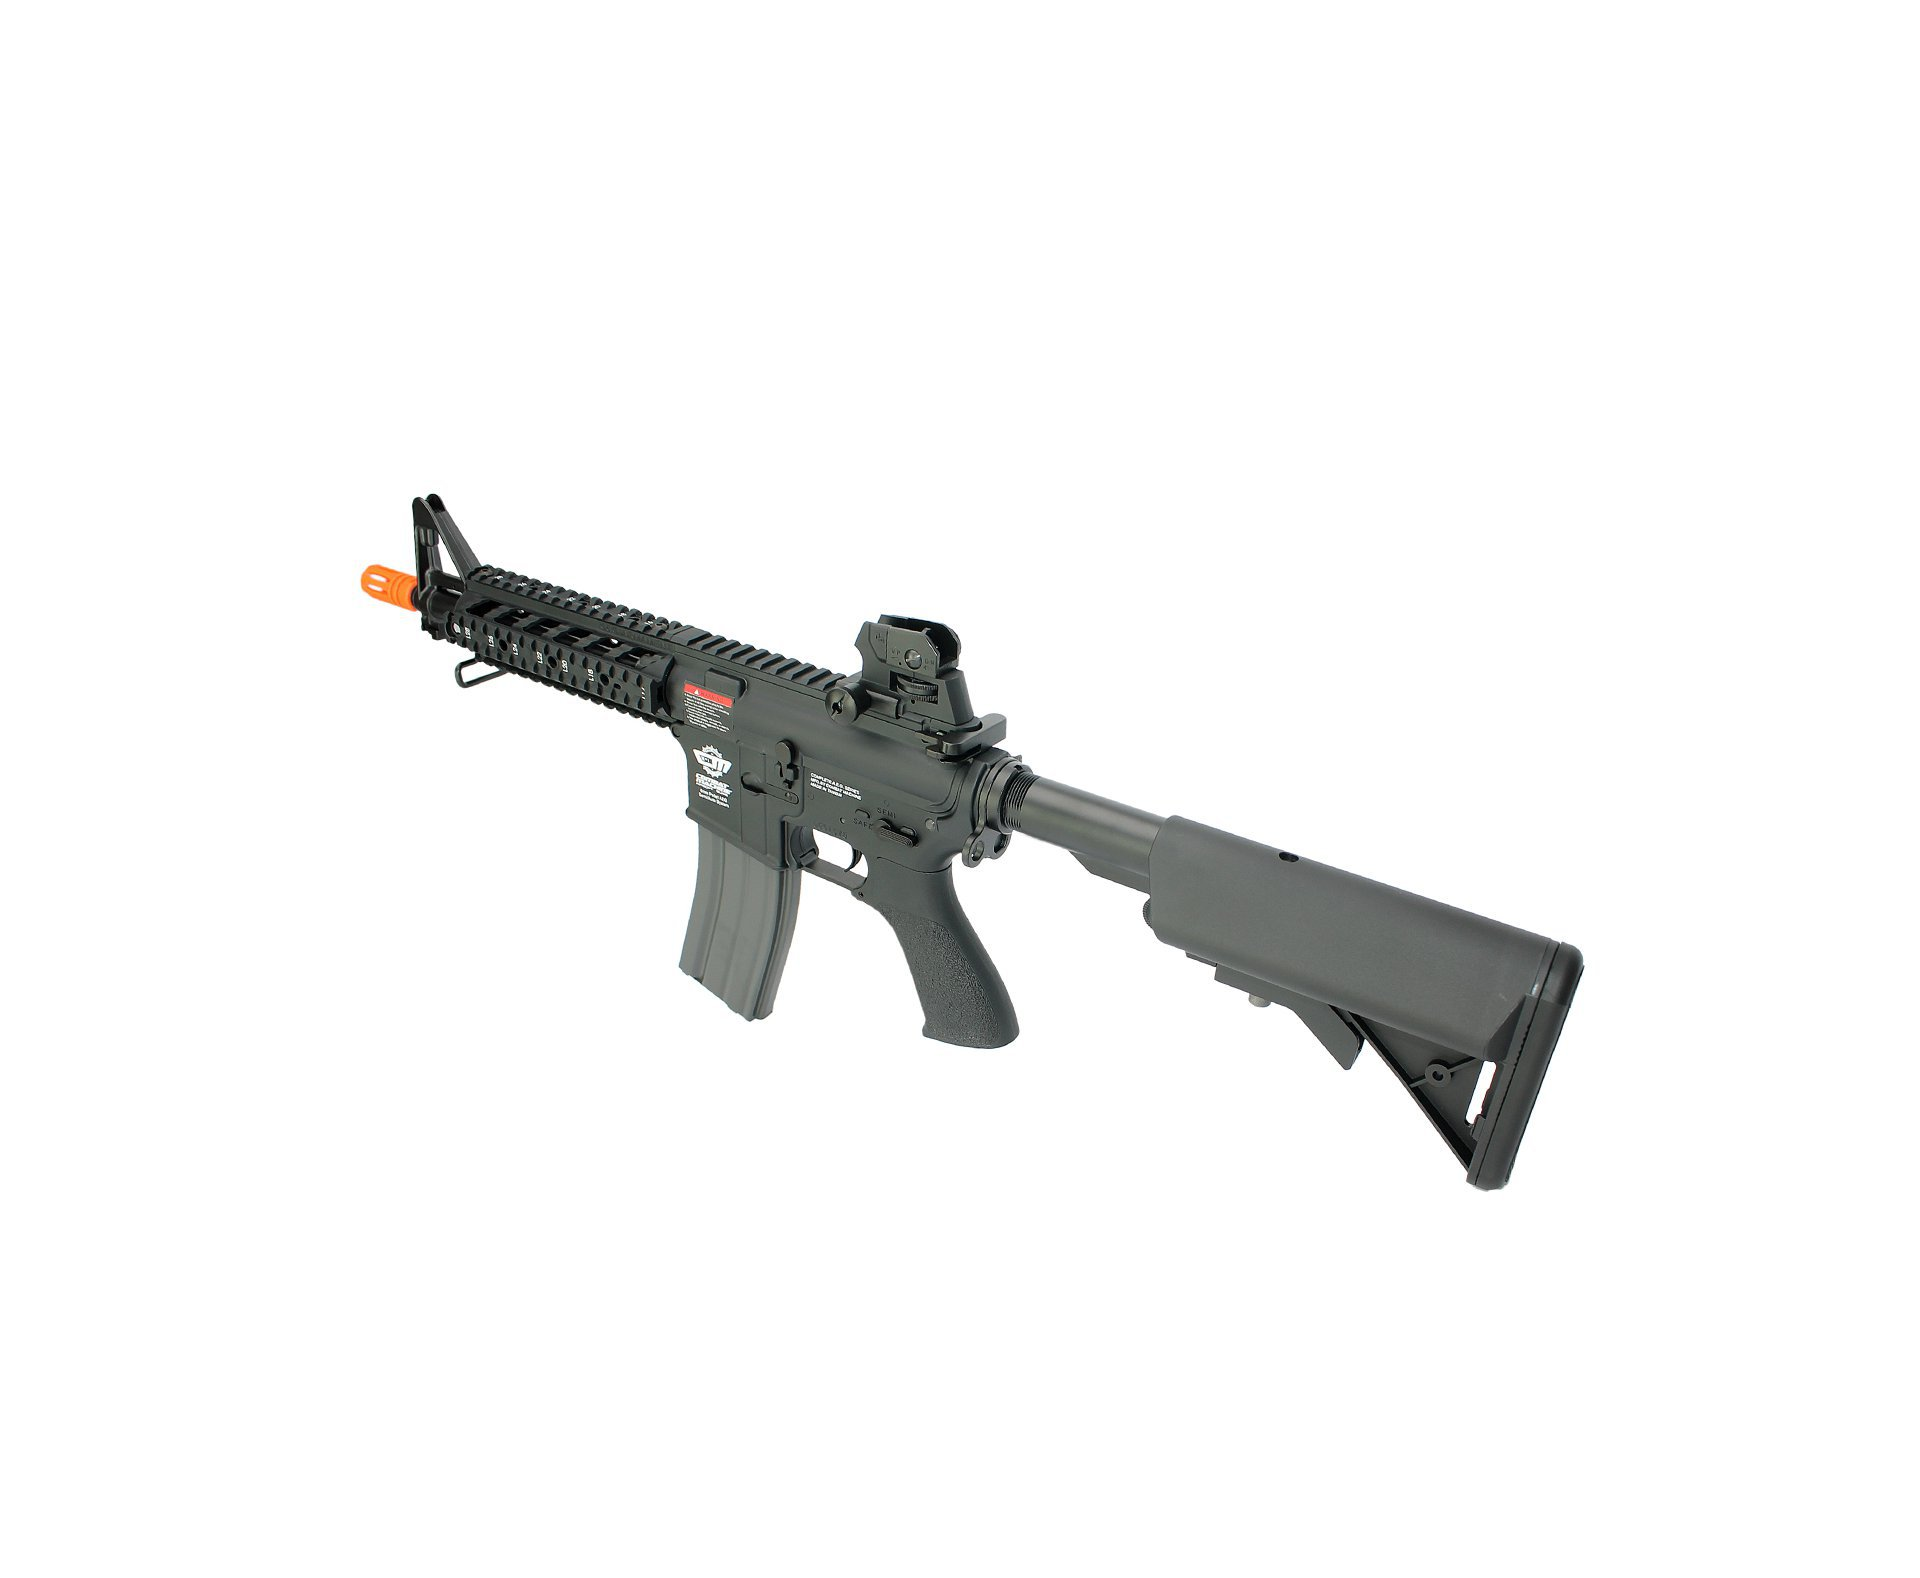 Rifle De Airsoft M4 Cm16 Raider Curto - Calibre 6,0 Mm - Aeg - G&g